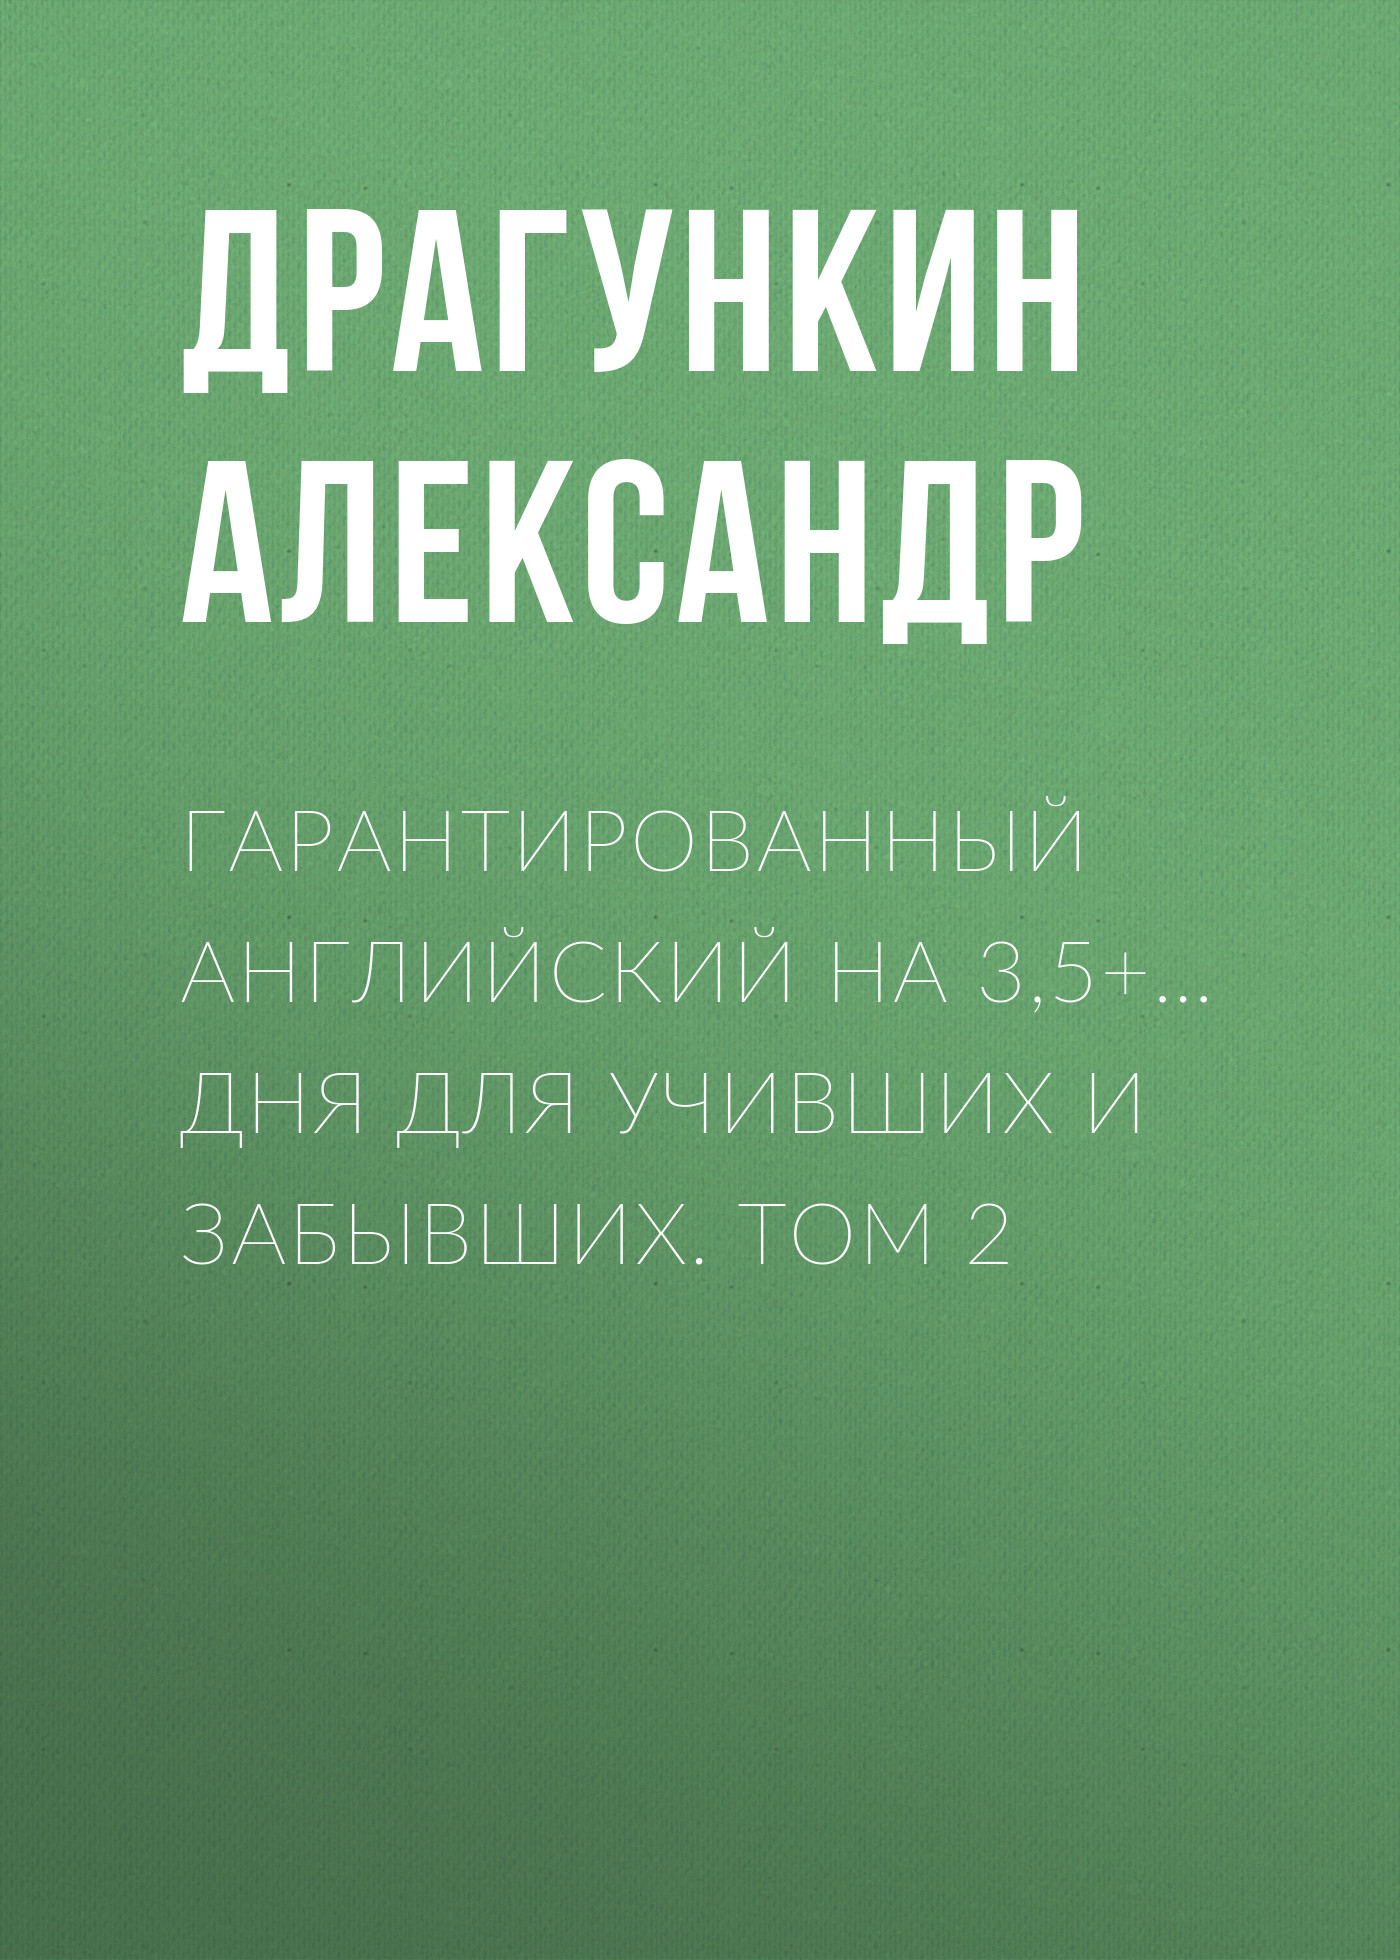 Гарантированный английский на 3,5+… дня для учивших и забывших. Том 2